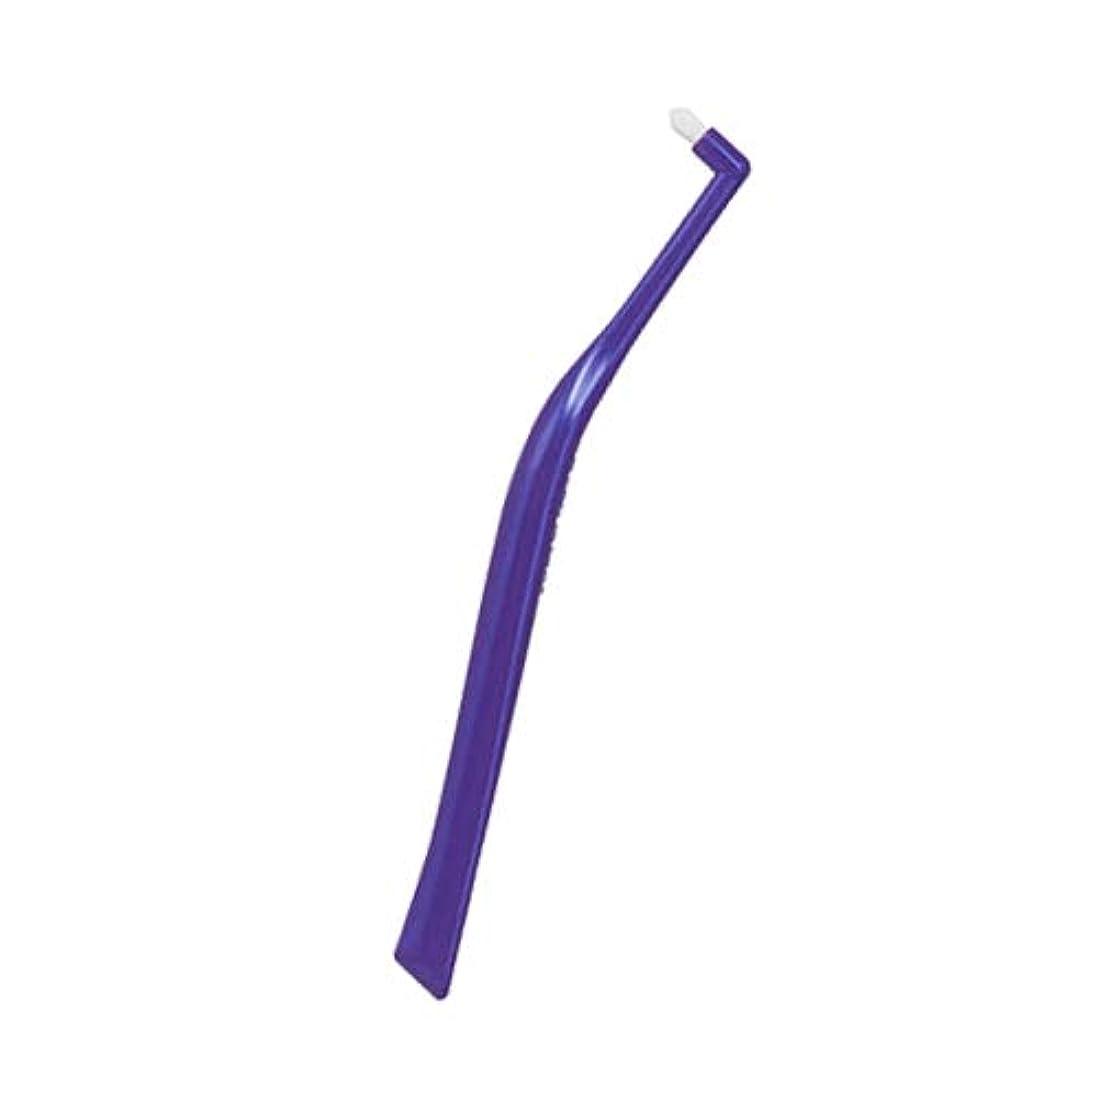 調整まあ治世オーラルケア ジャスライ (Just Right) 歯ブラシ × 1本(パープル)ワンタフトブラシ ワンタフト 歯科専用